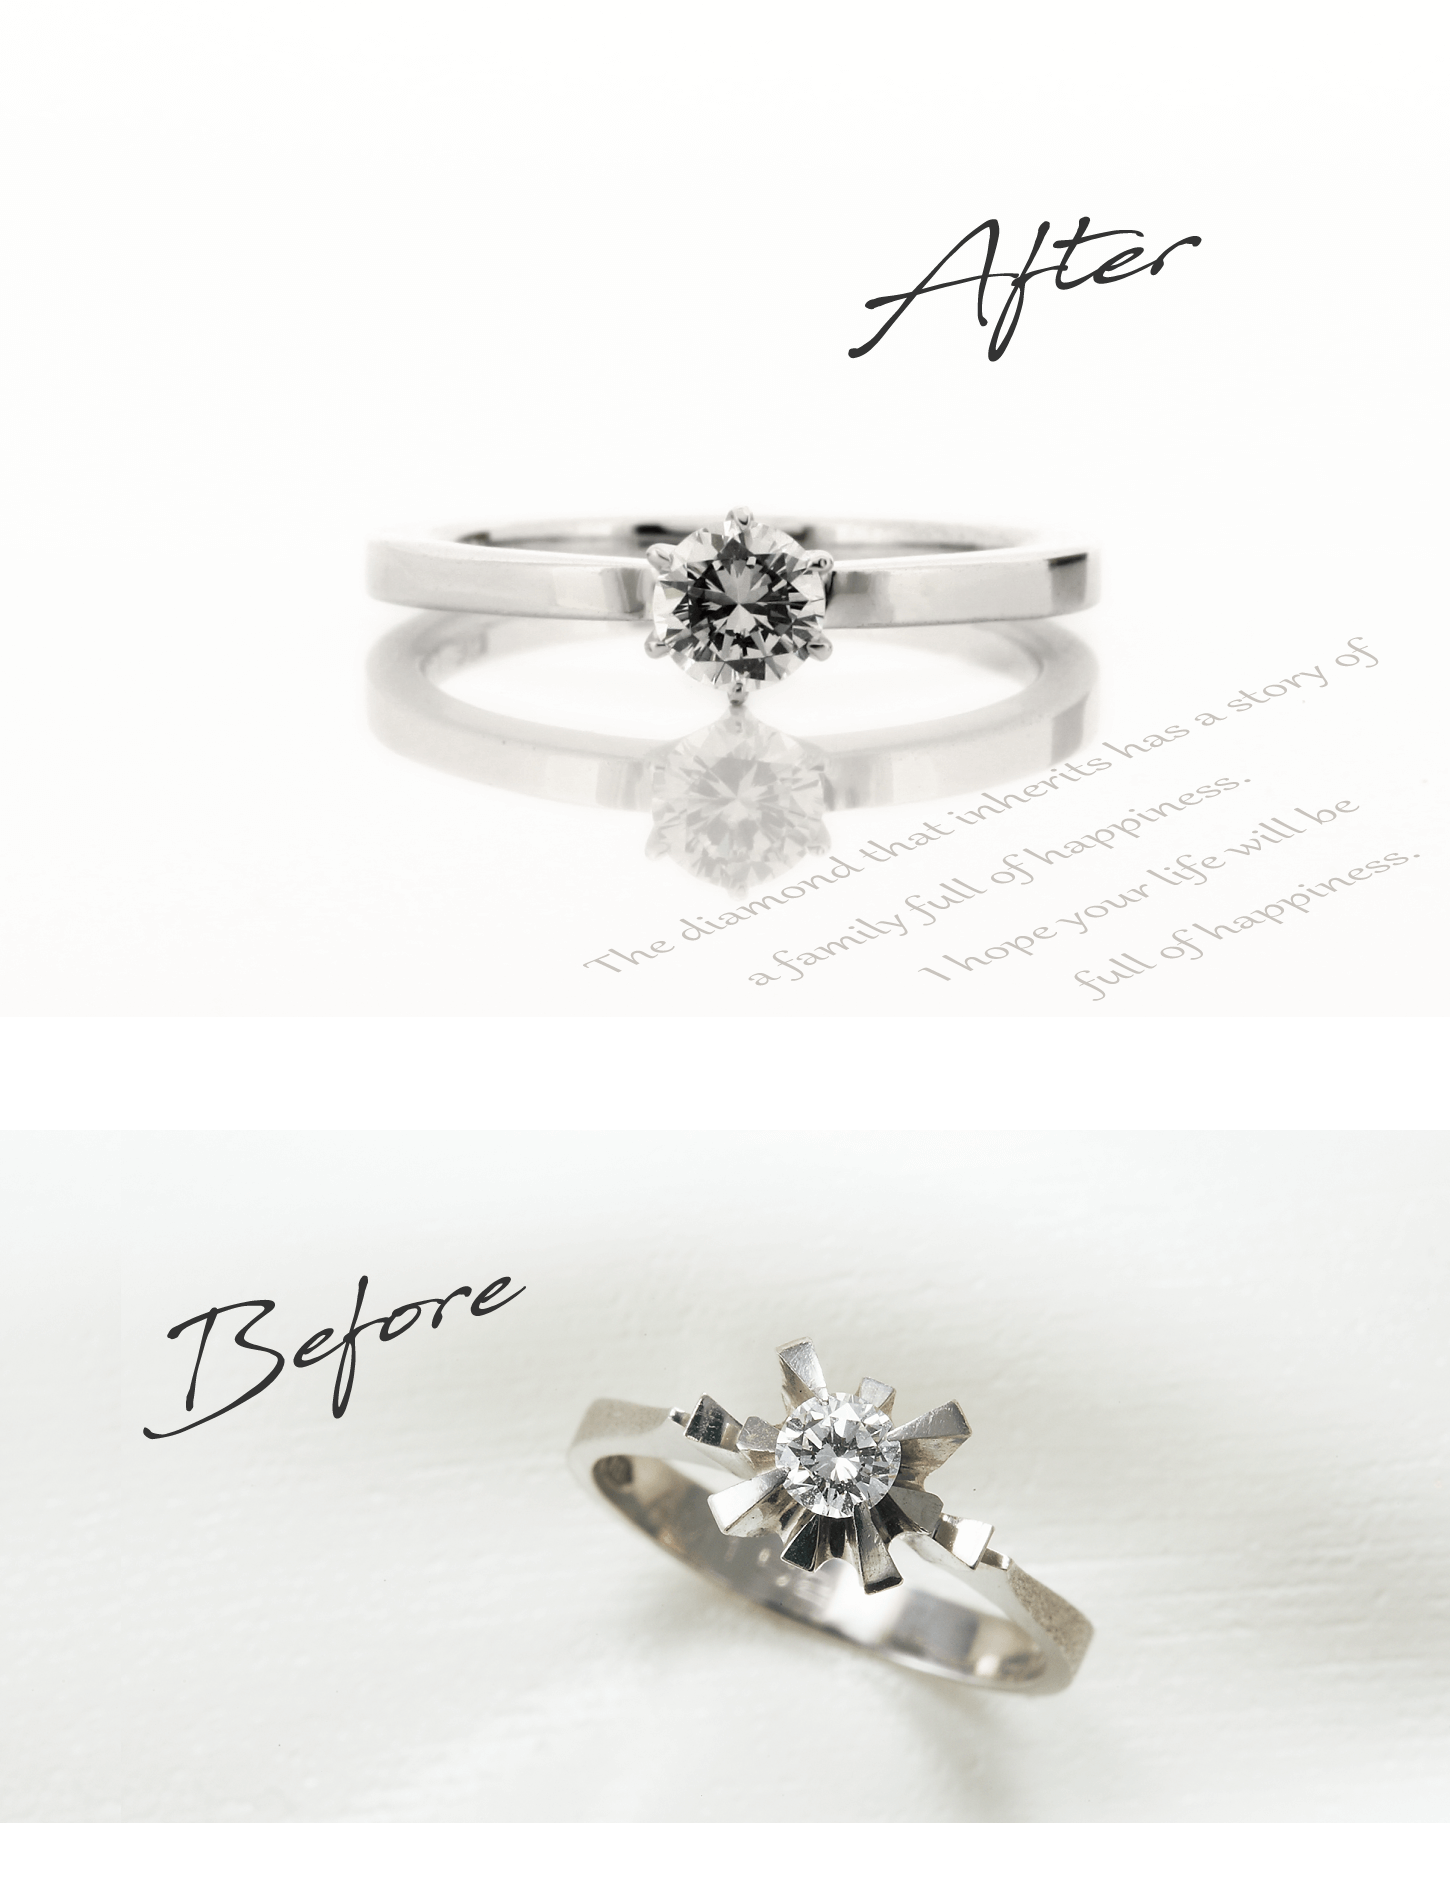 お客様インタビューI様のビフォーアフターの画像。アフターはセンターダイヤの両脇に1粒ずつメレダイヤを留めた婚約指輪。ビフォーは母からもらったしっかりとした立て爪の1粒タイプの婚約指輪